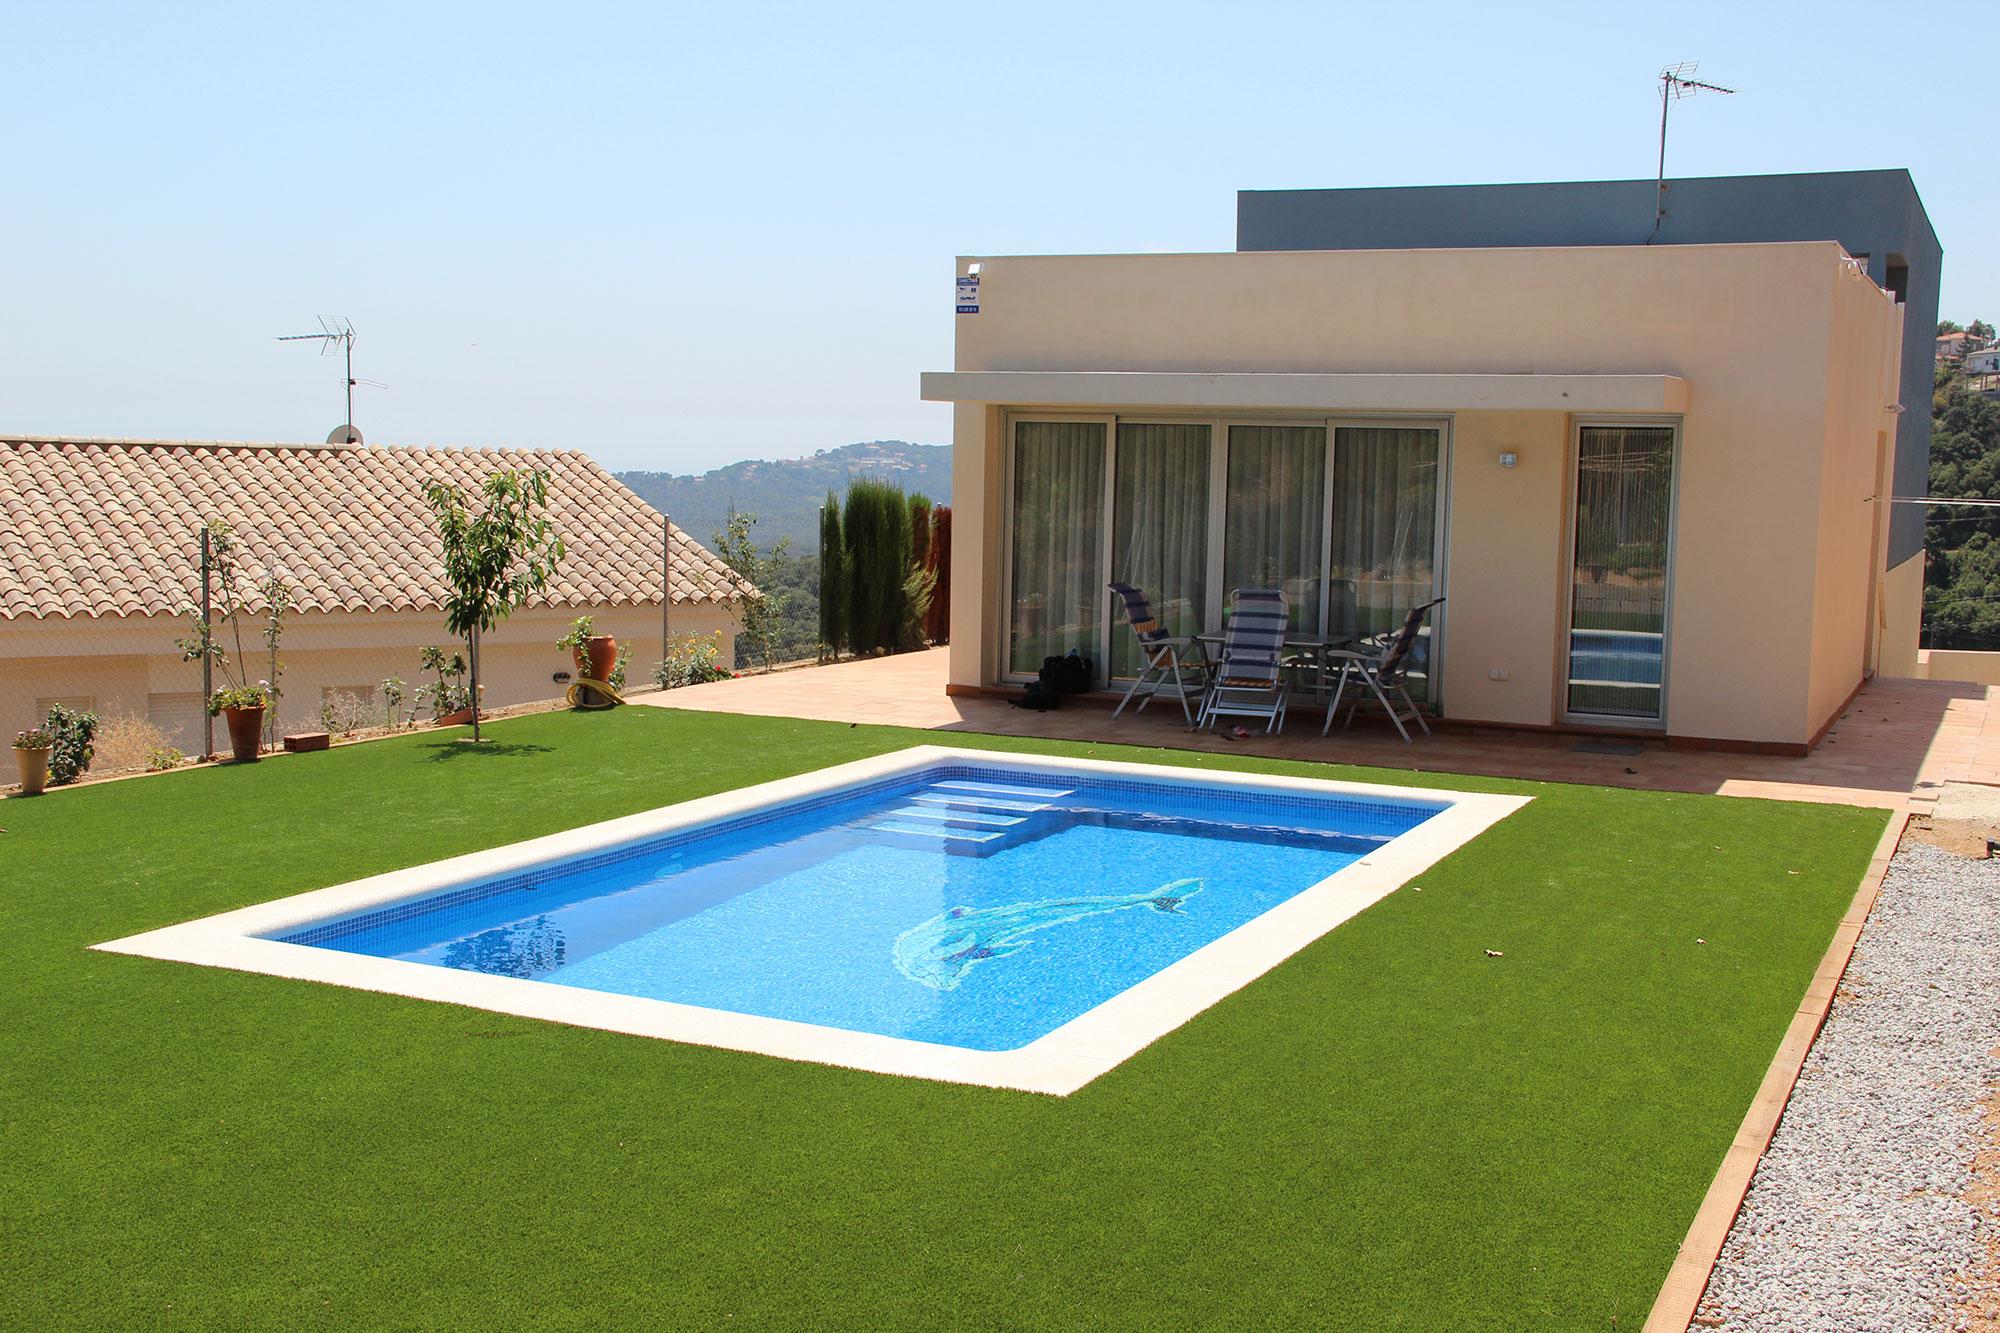 Rehabilitación y reparación de piscinas en Cataluña